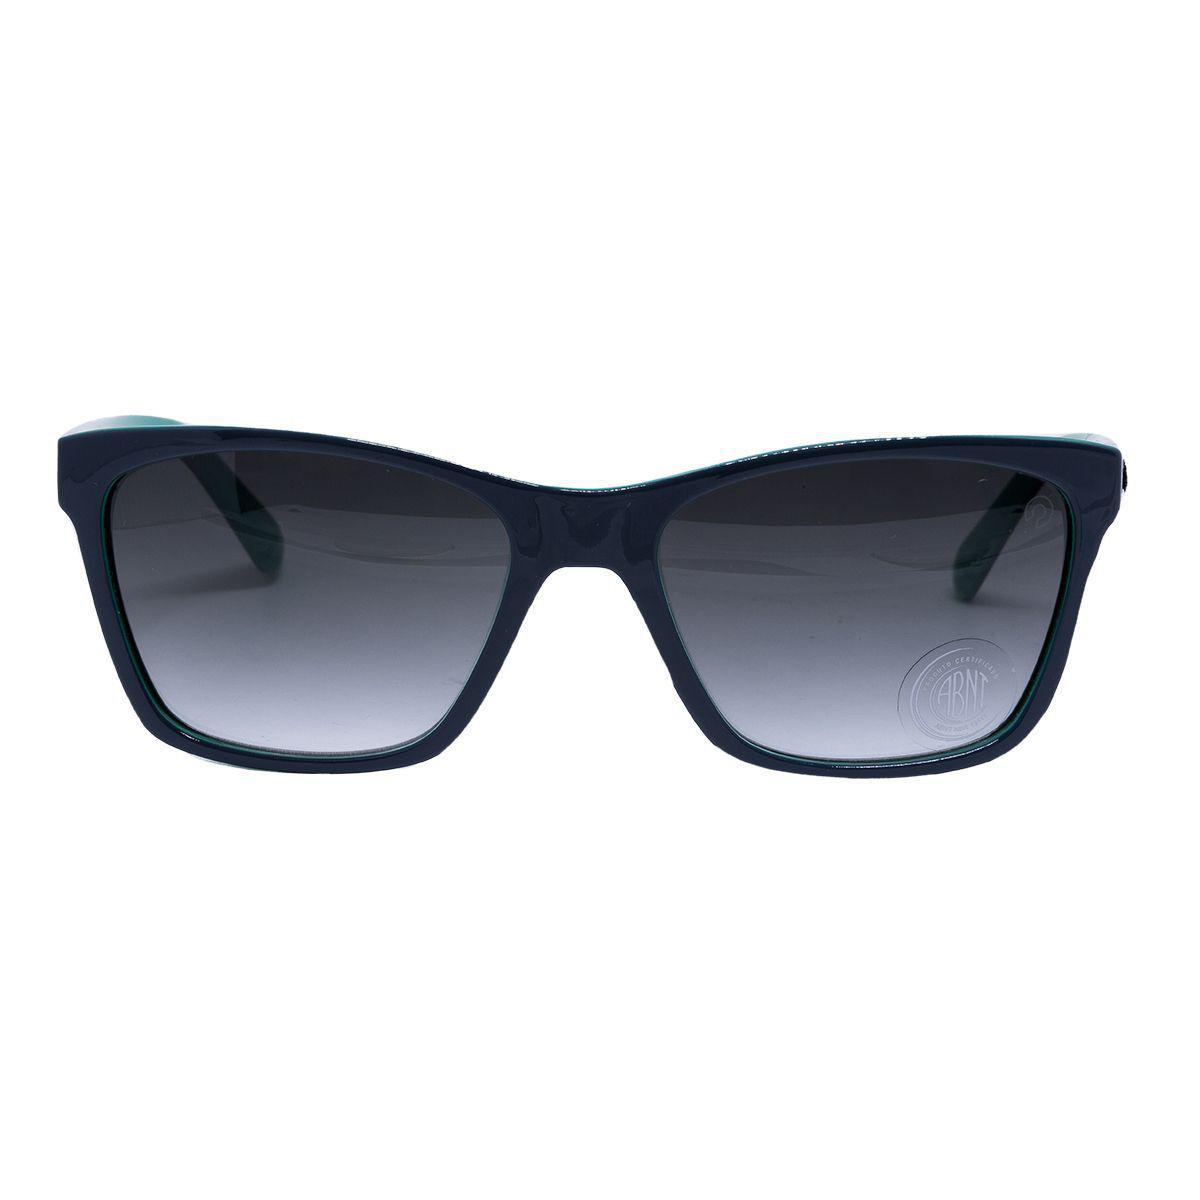 75e38d87d59e2 Óculos de Sol Secret Sophia Feminino 80036679 - Acetato Verde e Lente  Degradê Cinza R  130